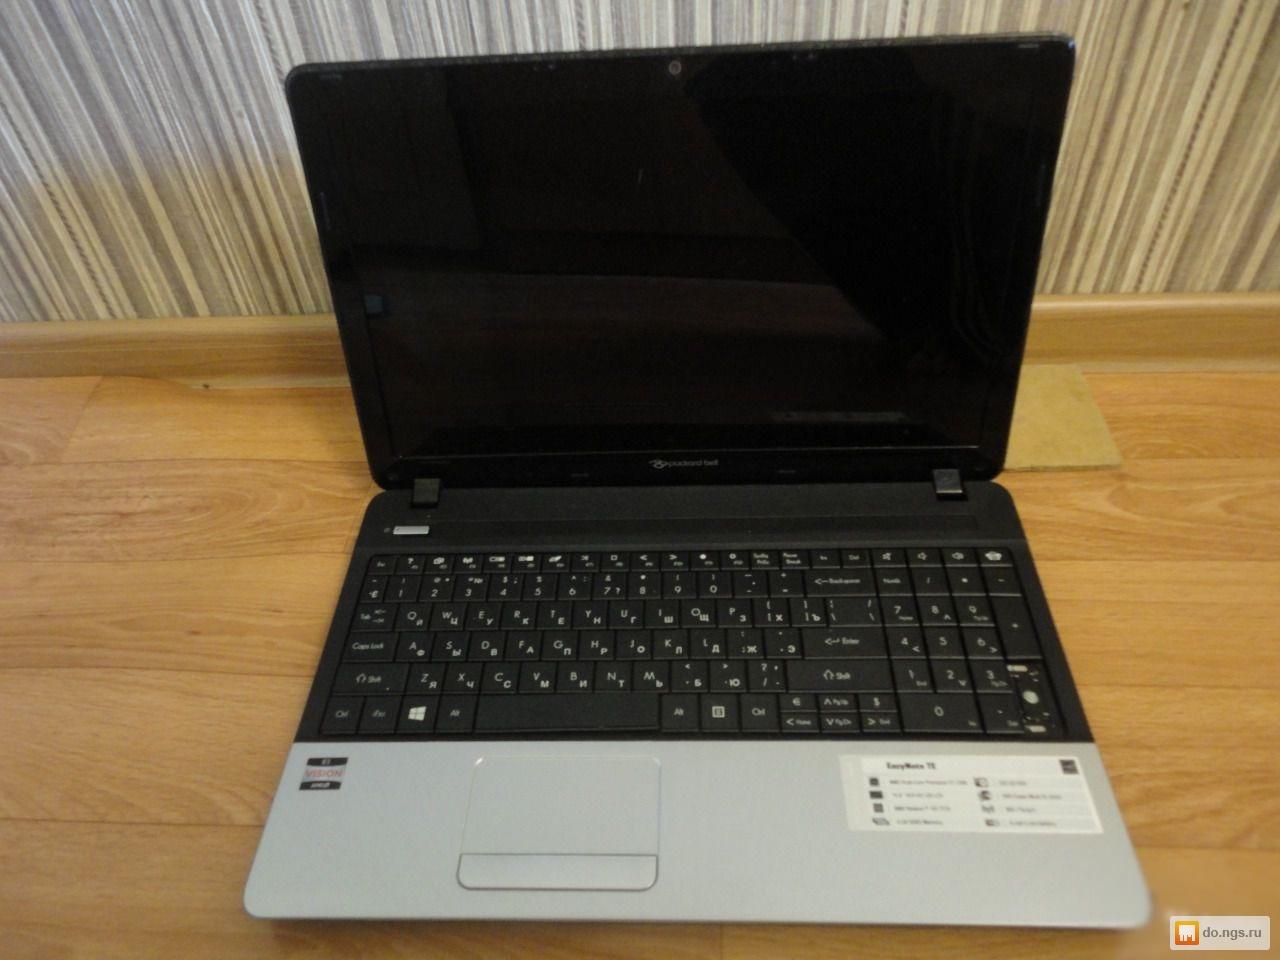 Ноутбук toshiba a300d-14p на запчасти